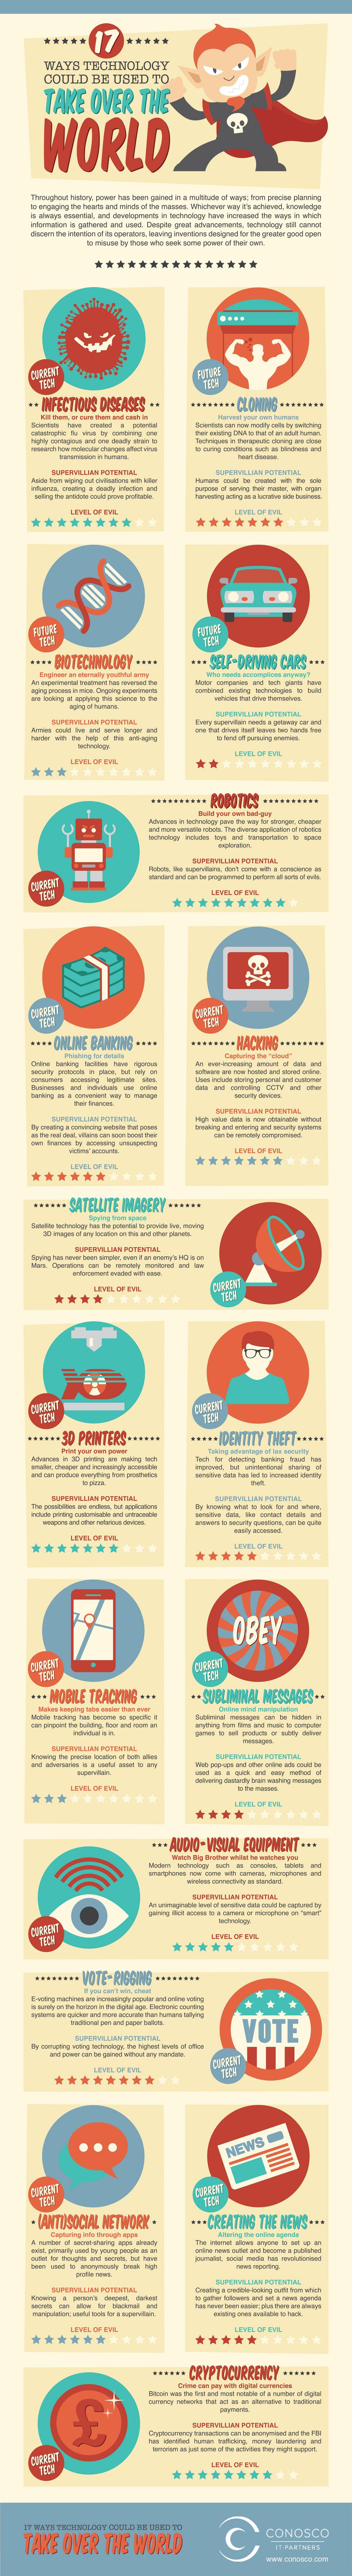 Technology World info